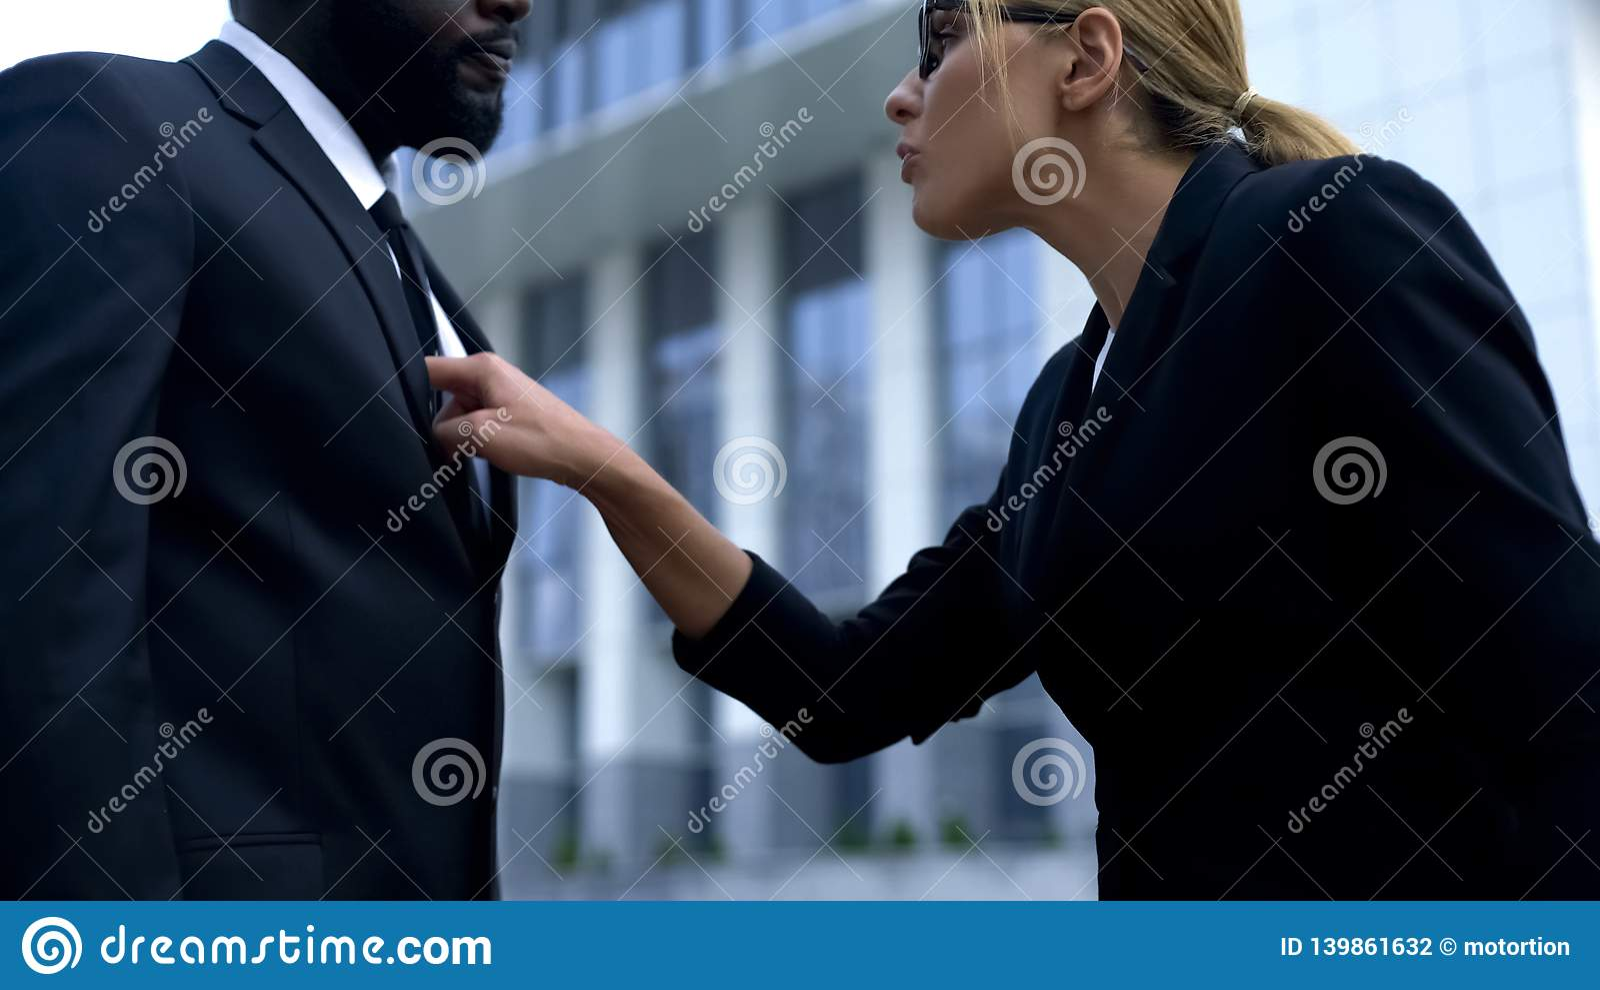 Mulher que discute o empregado afro-americano, discriminação racial no local de trabalho